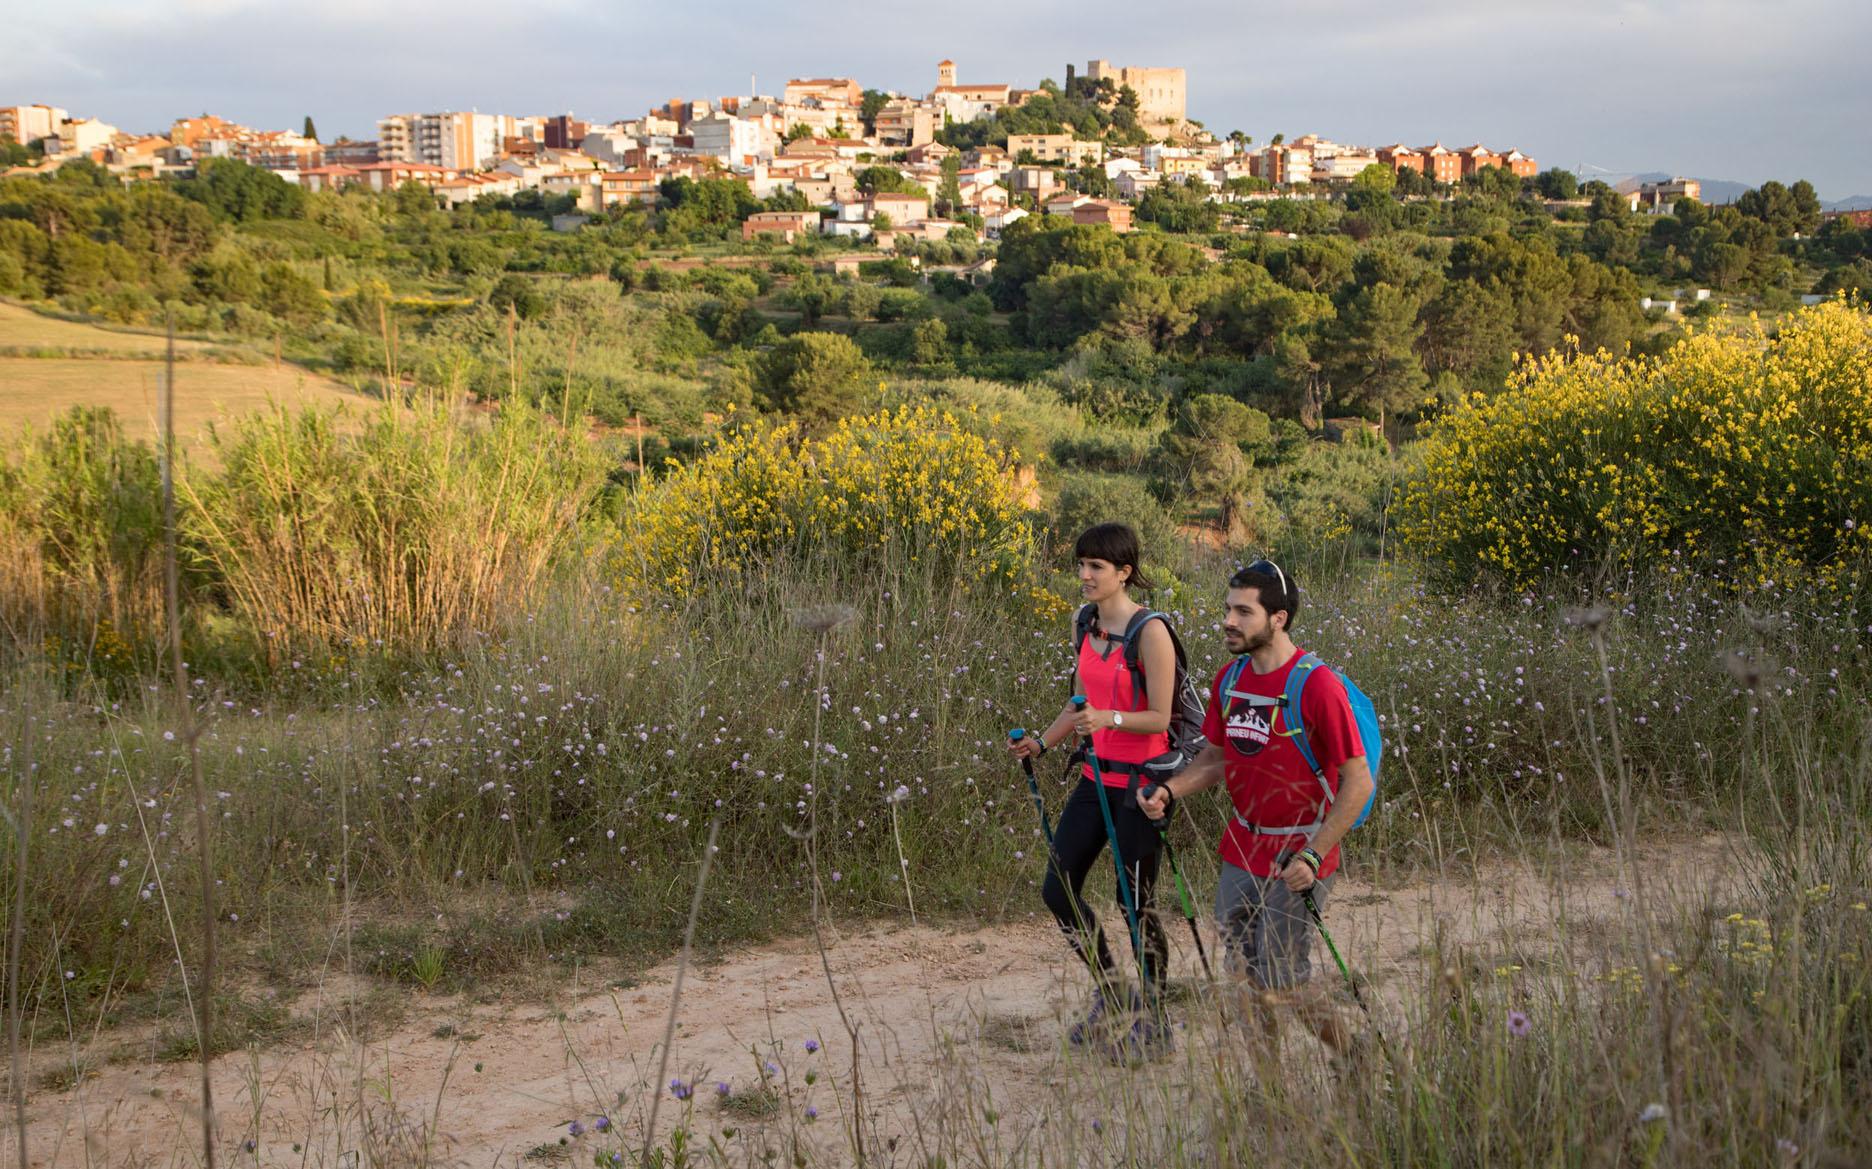 La 32a Marxa Gràcia-Montserrat pausa les caminades de resistència fins l'agost